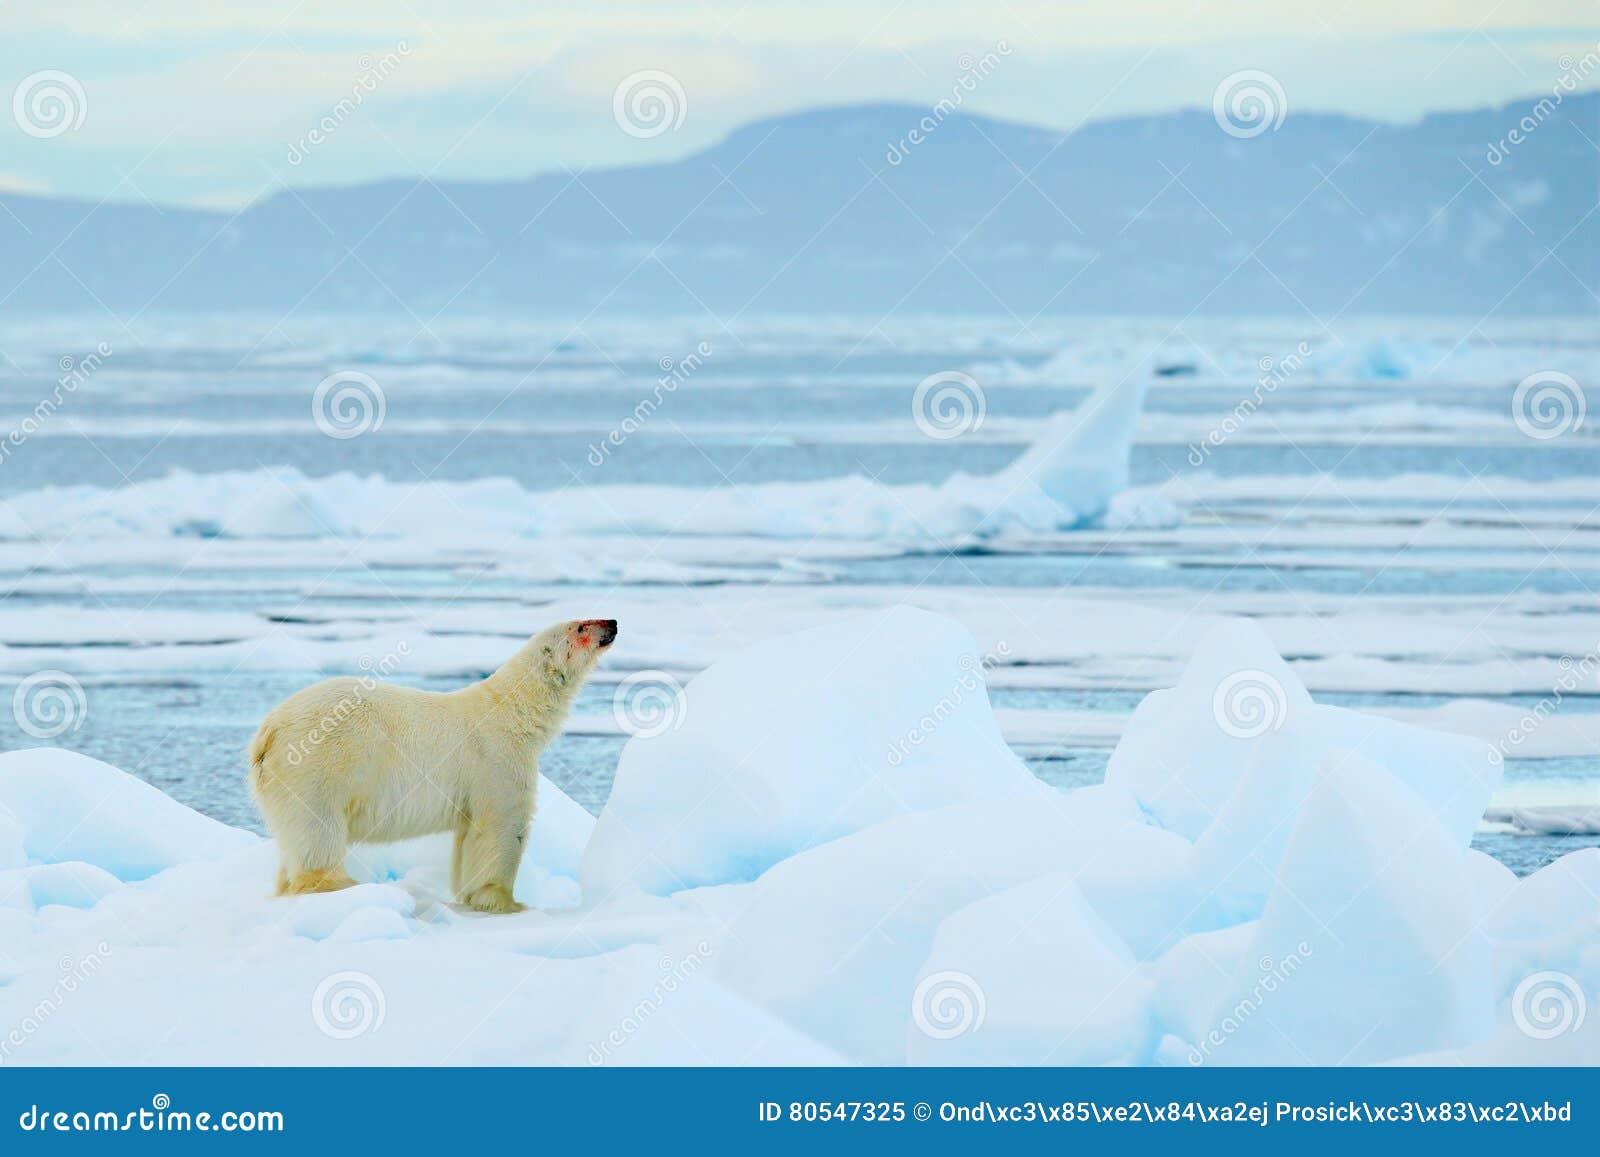 极性在自然栖所涉及与雪,白色动物,斯瓦尔巴特群岛,挪威的流冰 连续北极熊在冷的海 极性